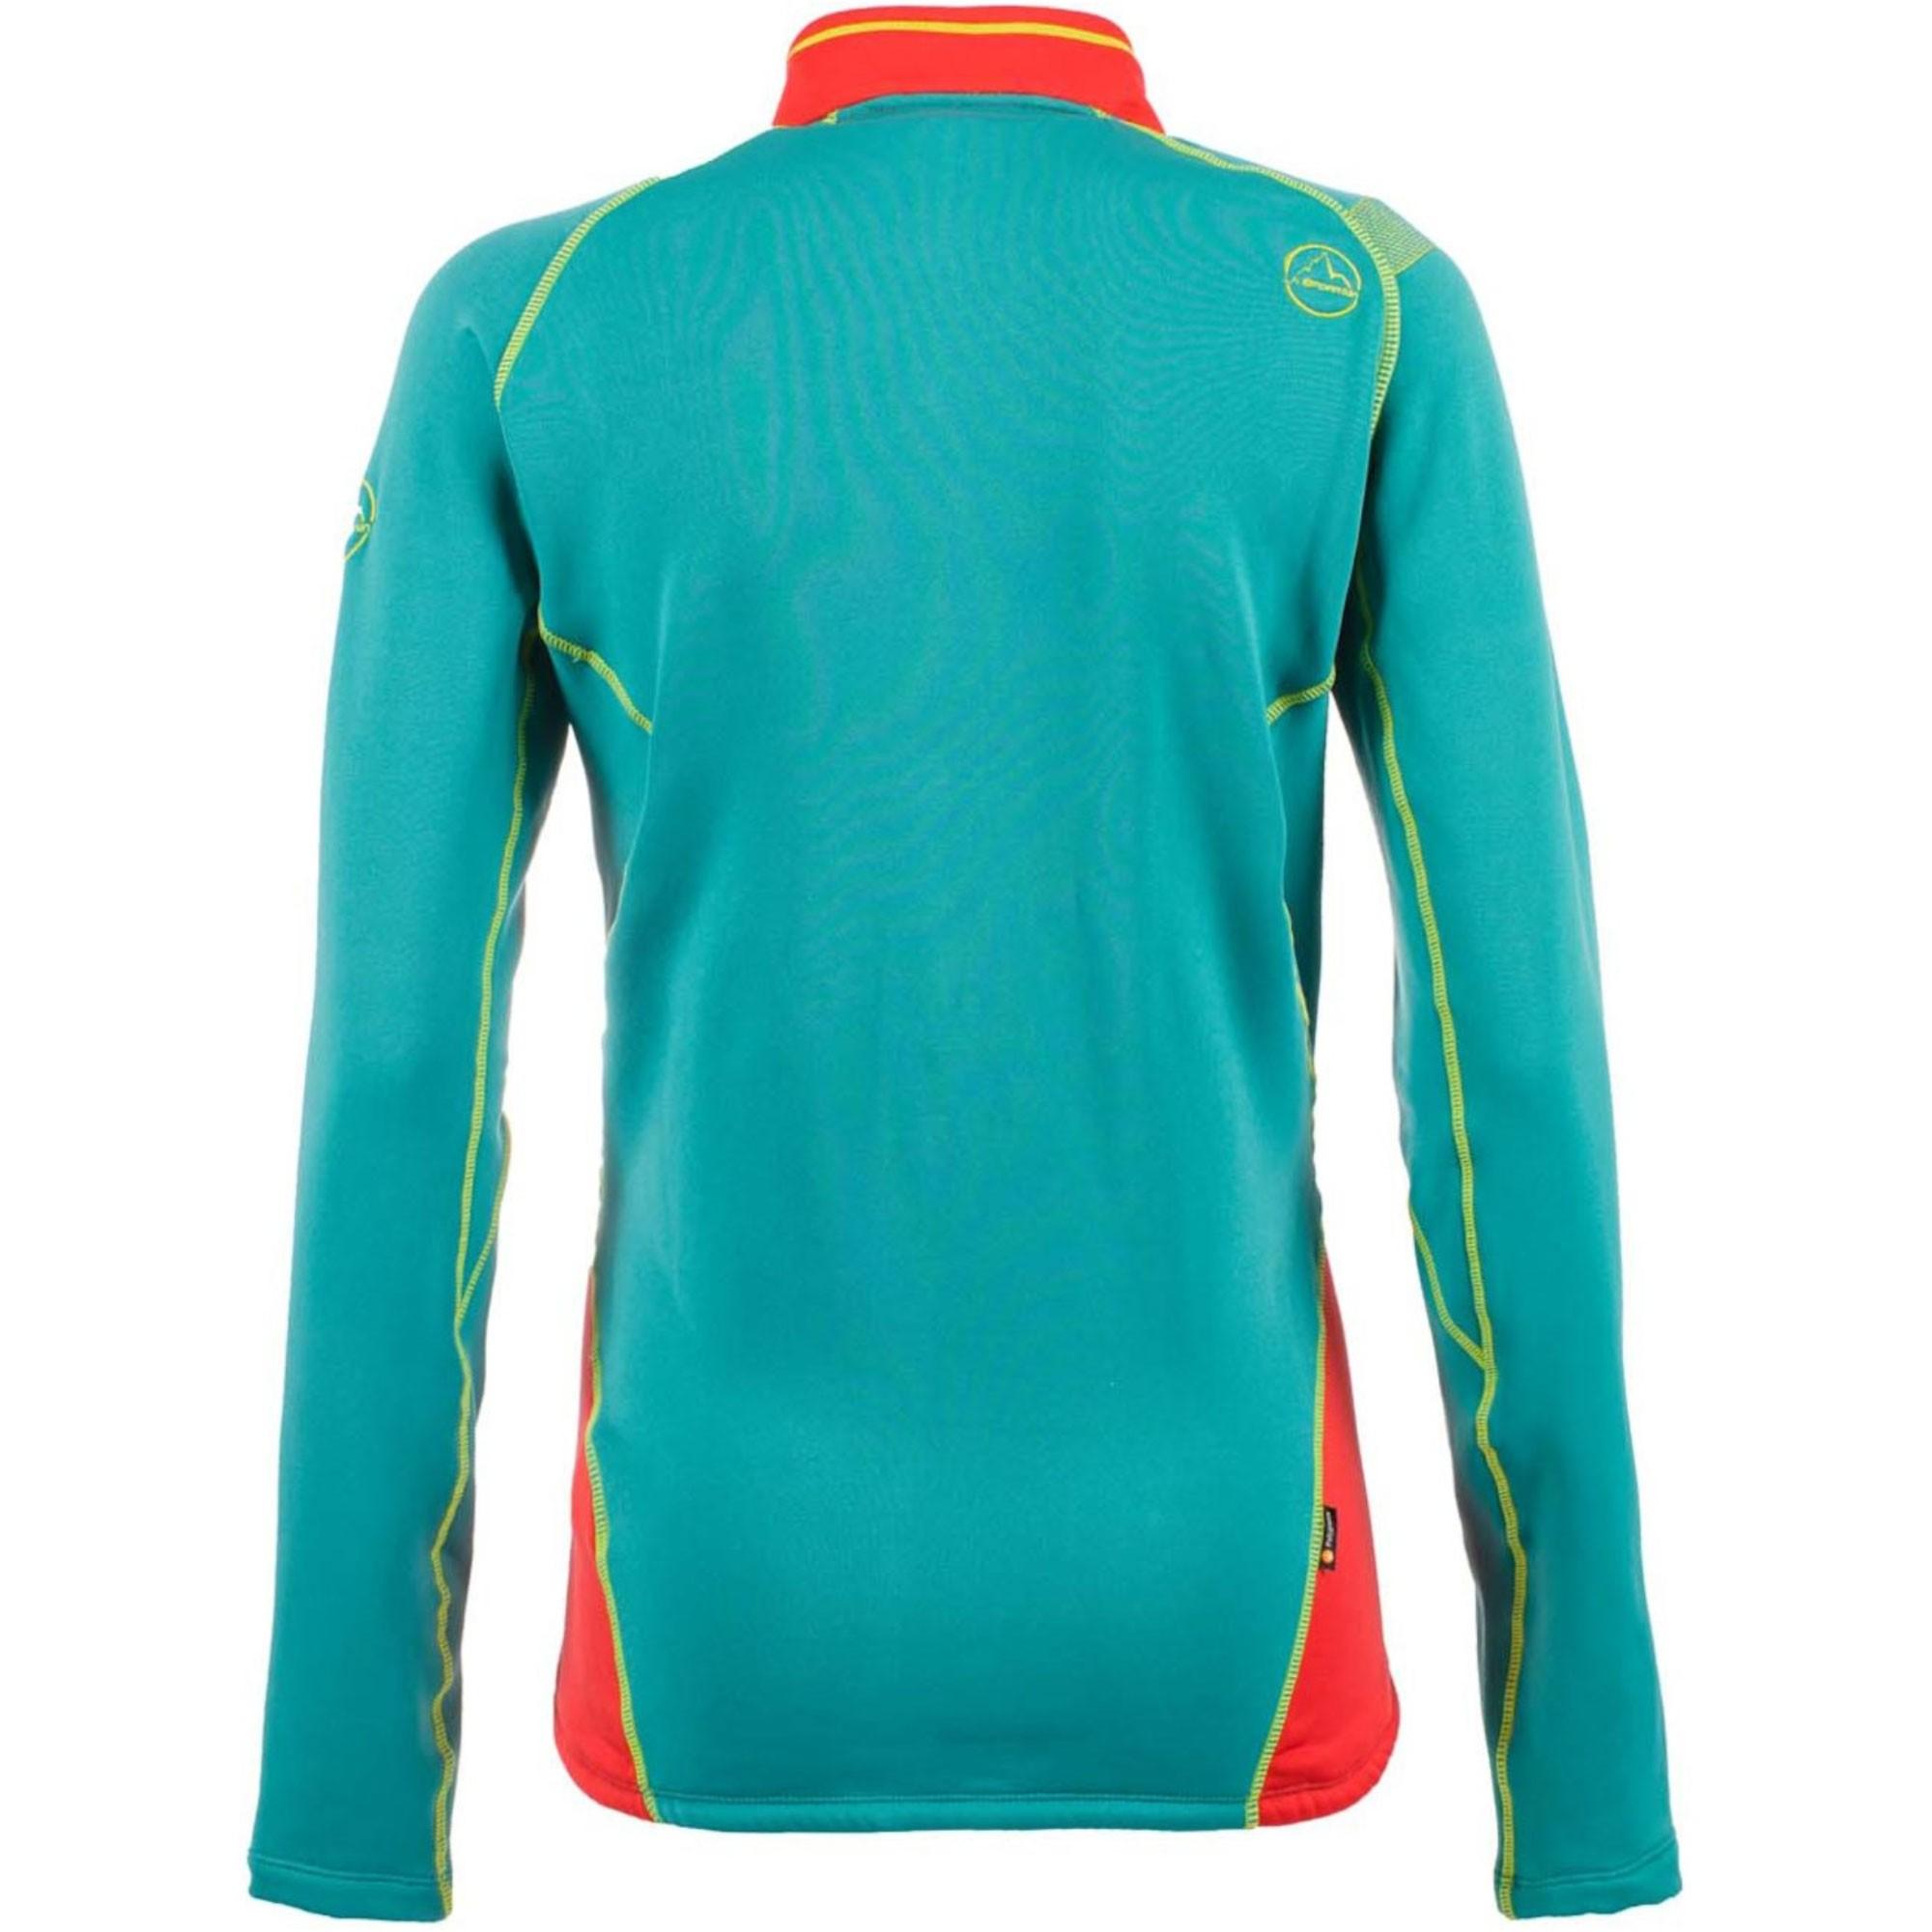 LA SPORTIVA Luna Women's Fleece Jacket - Garnet/Emerald